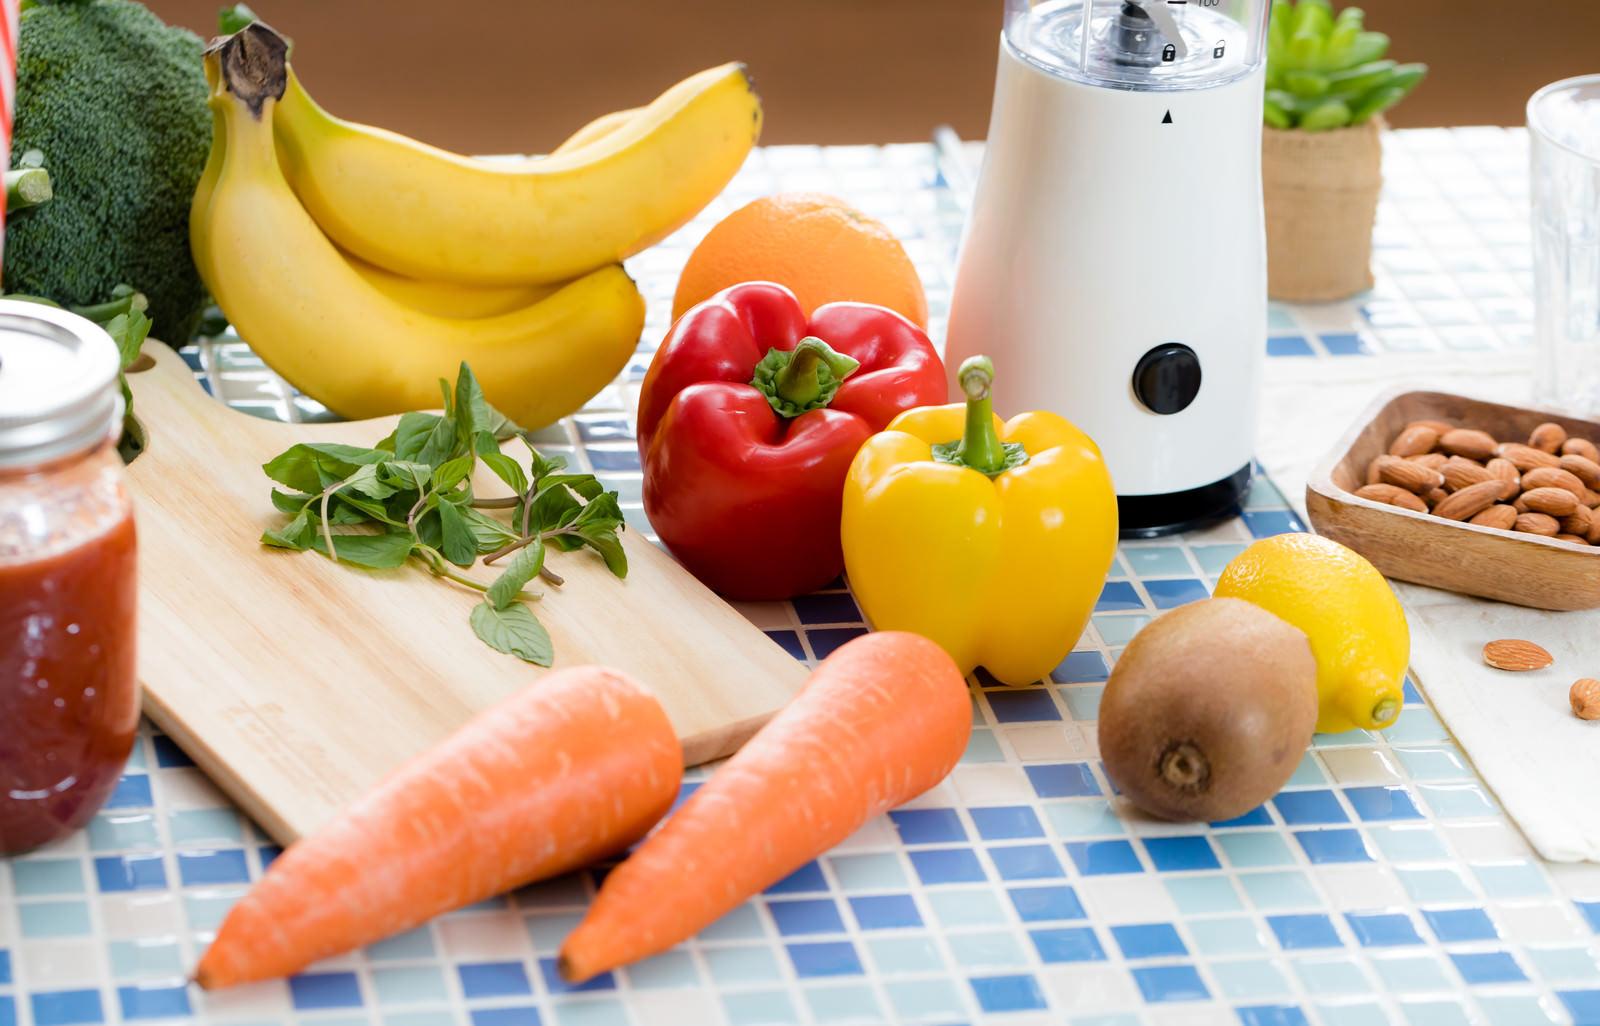 「スムージー用のニンジンやパプリカなどの野菜」の写真